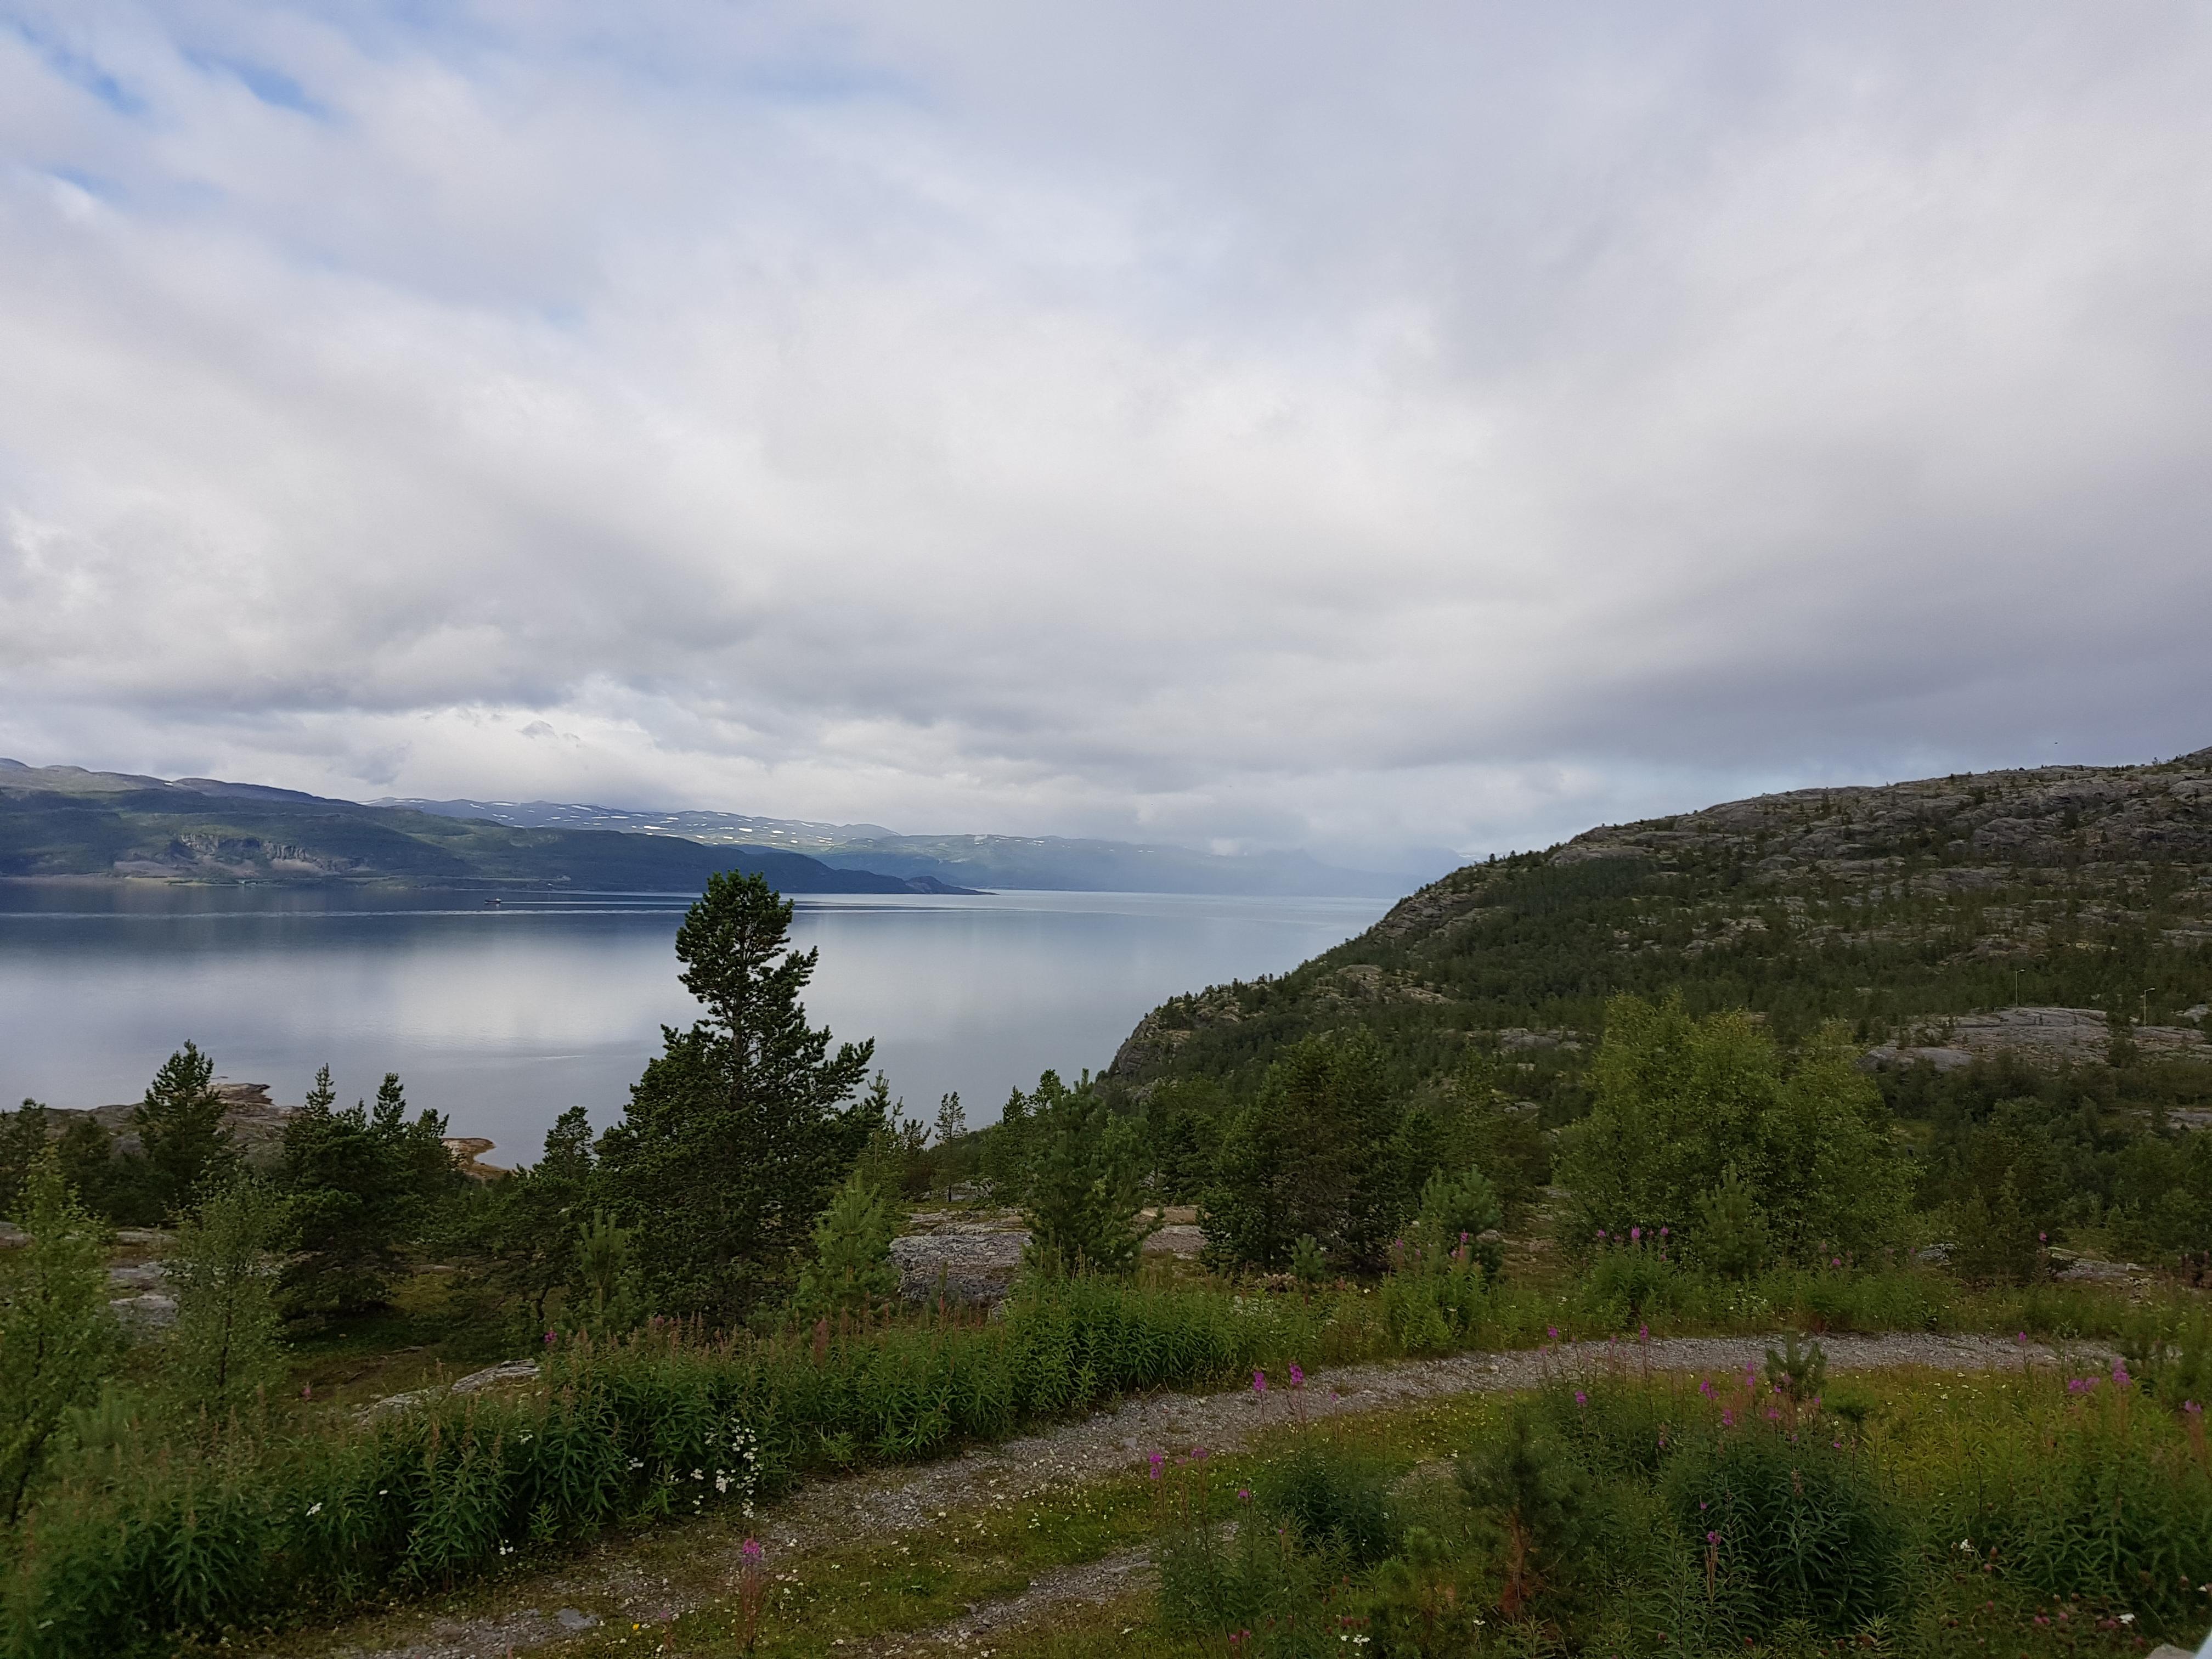 Bilde fra Komsa. I området ved og på Komsafjellet finnes noen av våre eldste arkeologiske kulturminner. Foto: Line Bårdseng, Riksantikvaren